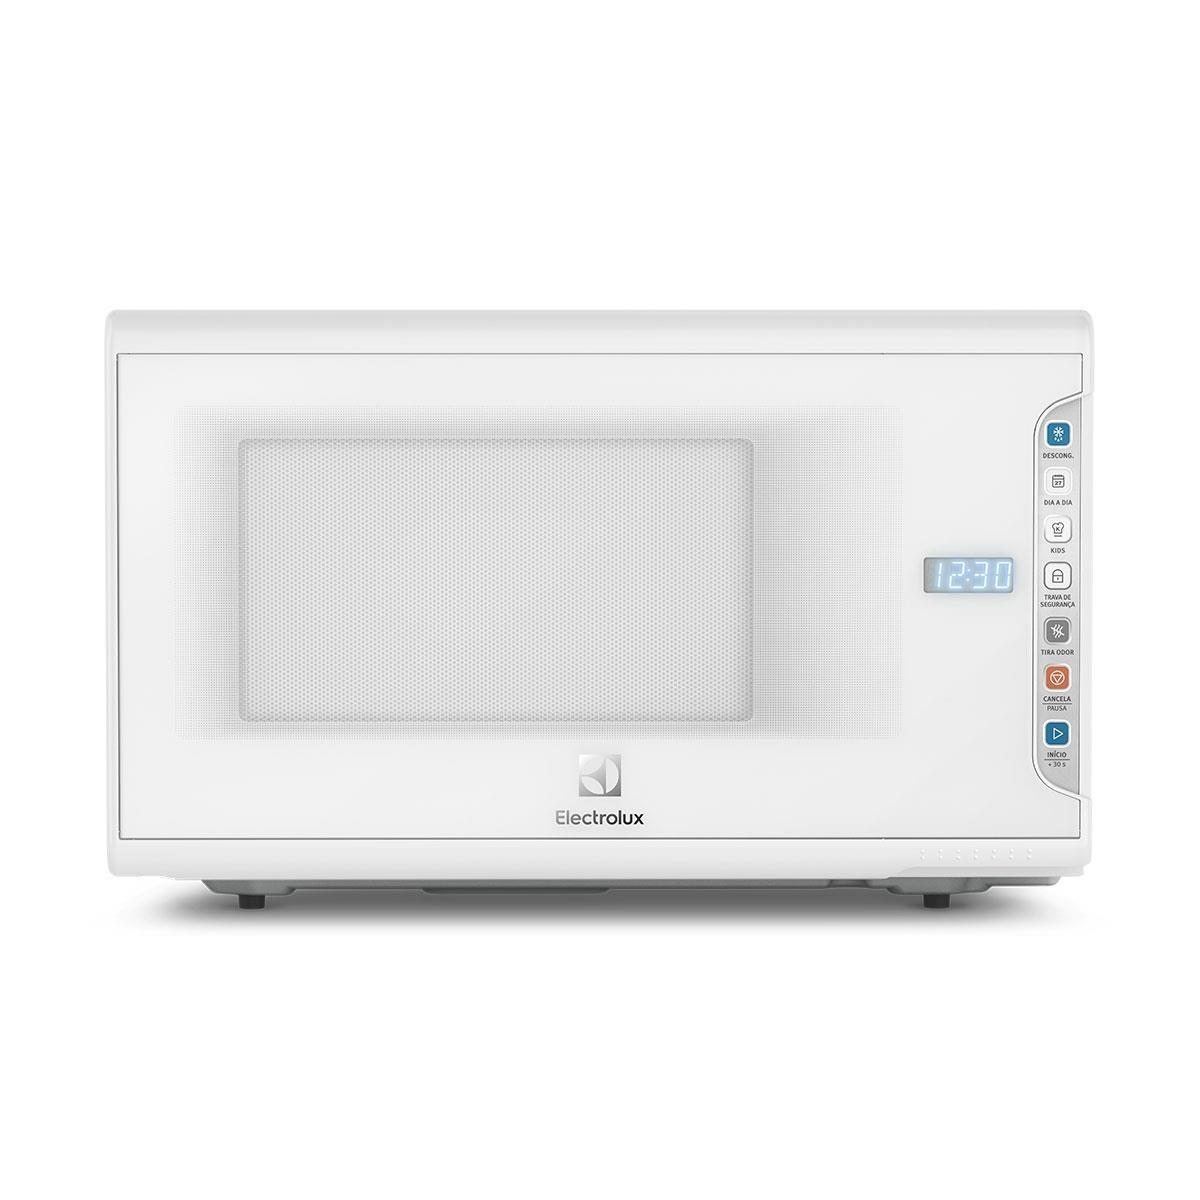 c0ace161b micro-ondas electrolux mi41 31 litros com painel integrado. Carregando zoom.